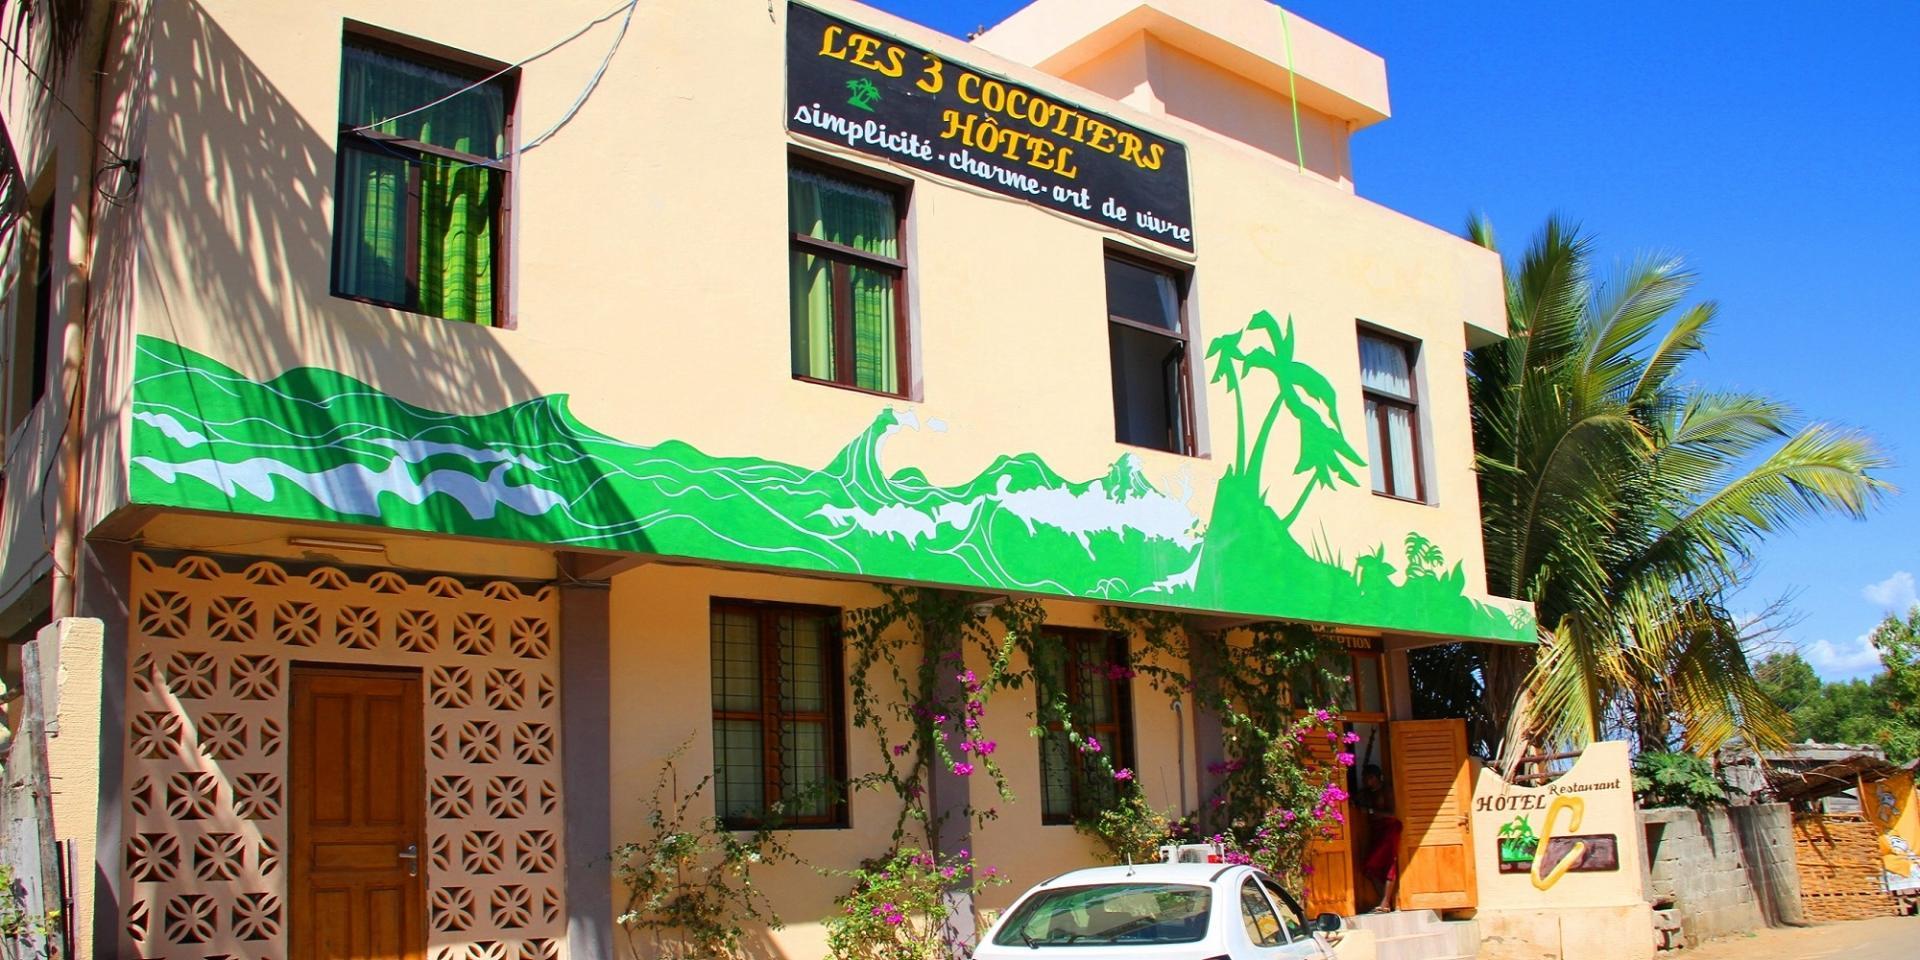 Hôtel les 3 cocotiers